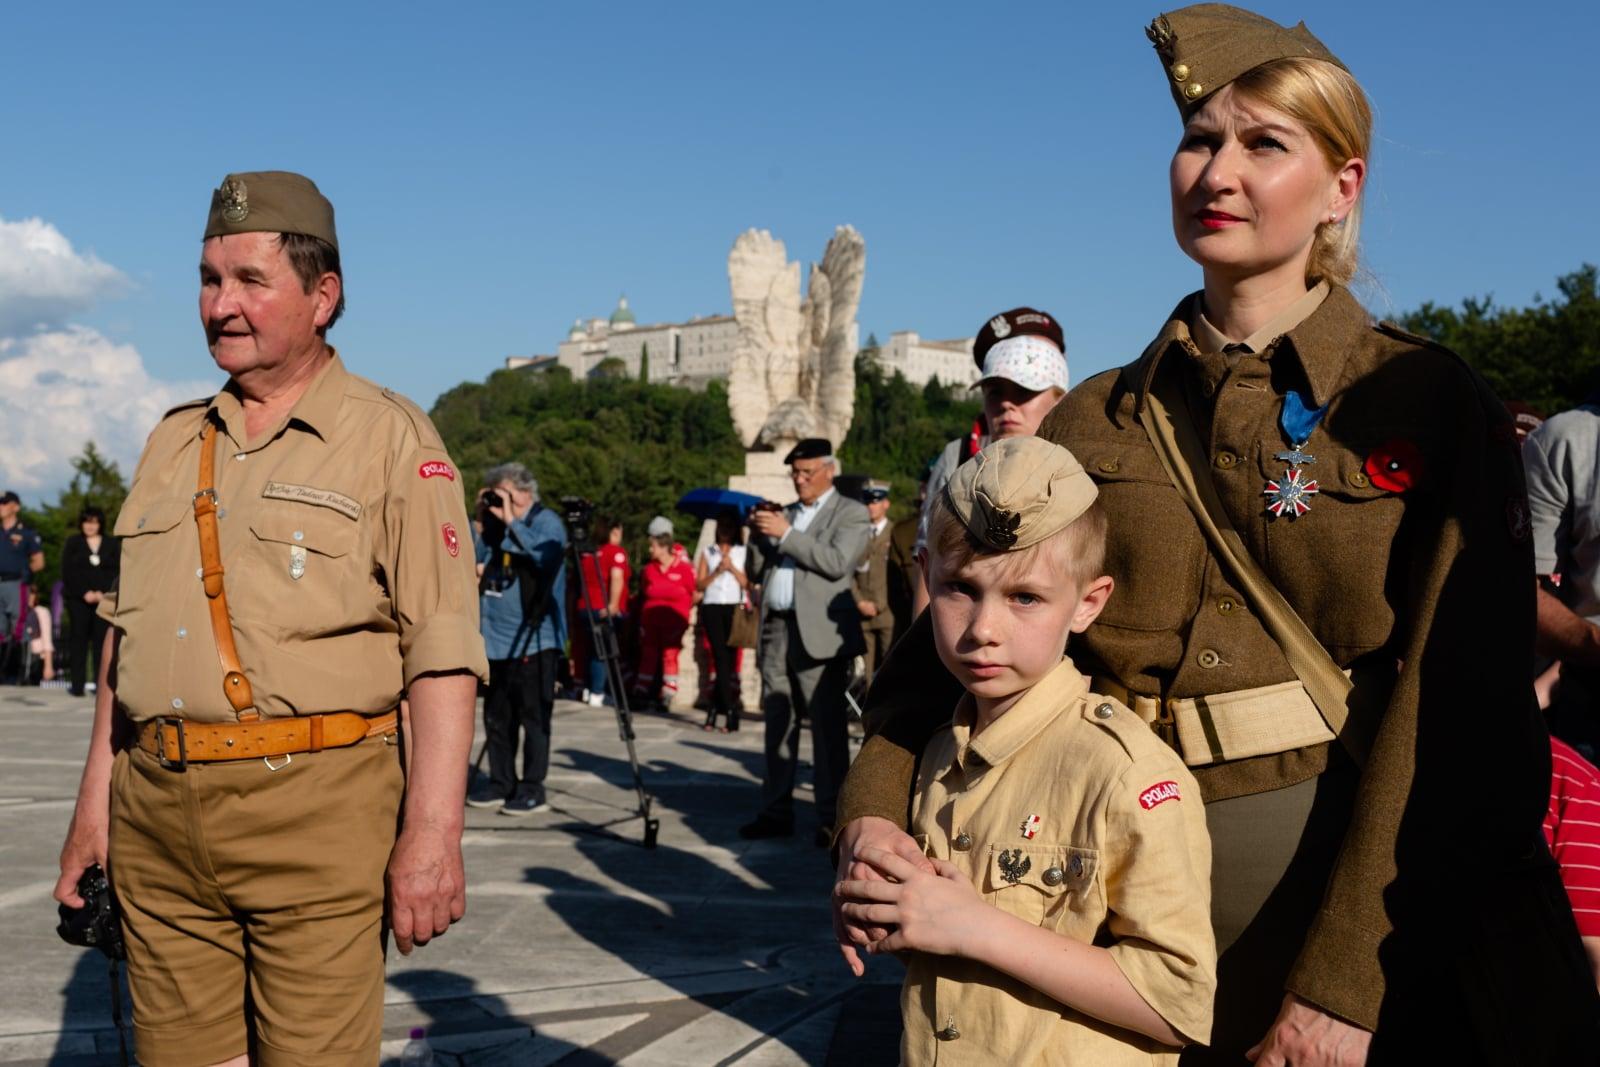 Cassino, Włochy, 18.05.2018. Rekonstruktorzy 2 Korpusu WP  na Polskim Cmentarzu Wojennym na Monte Cassino